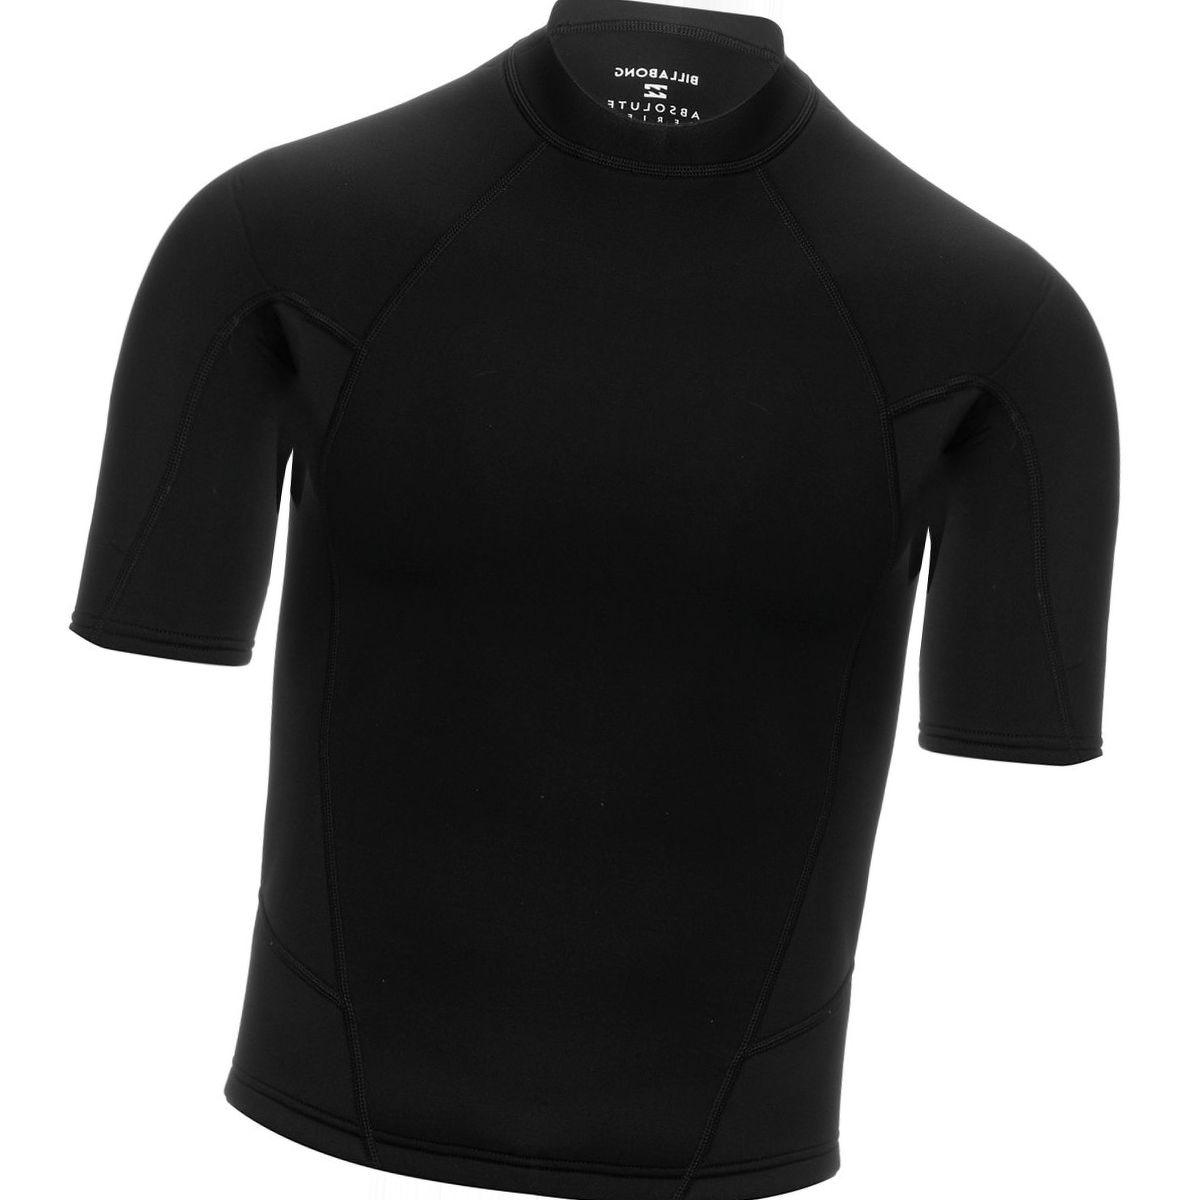 Billabong 2mm Absolute Short-Sleeve Jacket - Men's